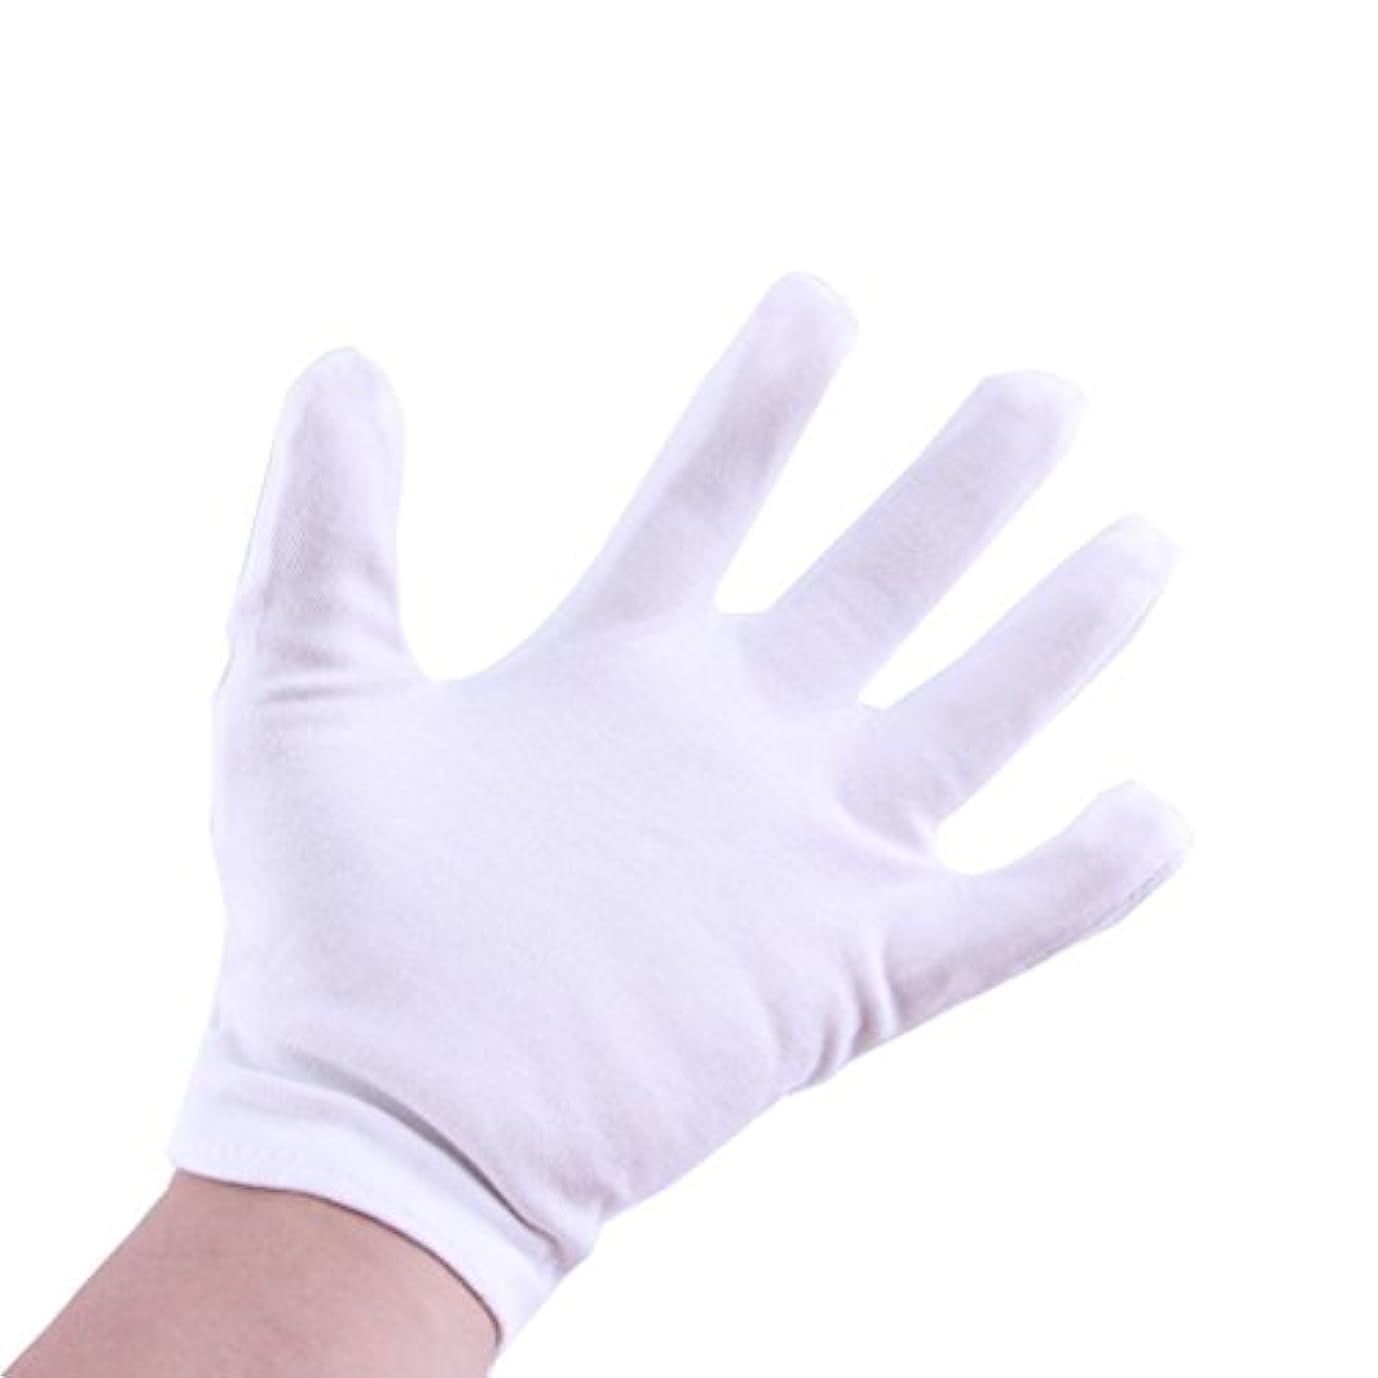 送る裁判官ハードウェア12双組 コットン手袋 / 純綿100% 作業用 手荒れ予防 白手袋